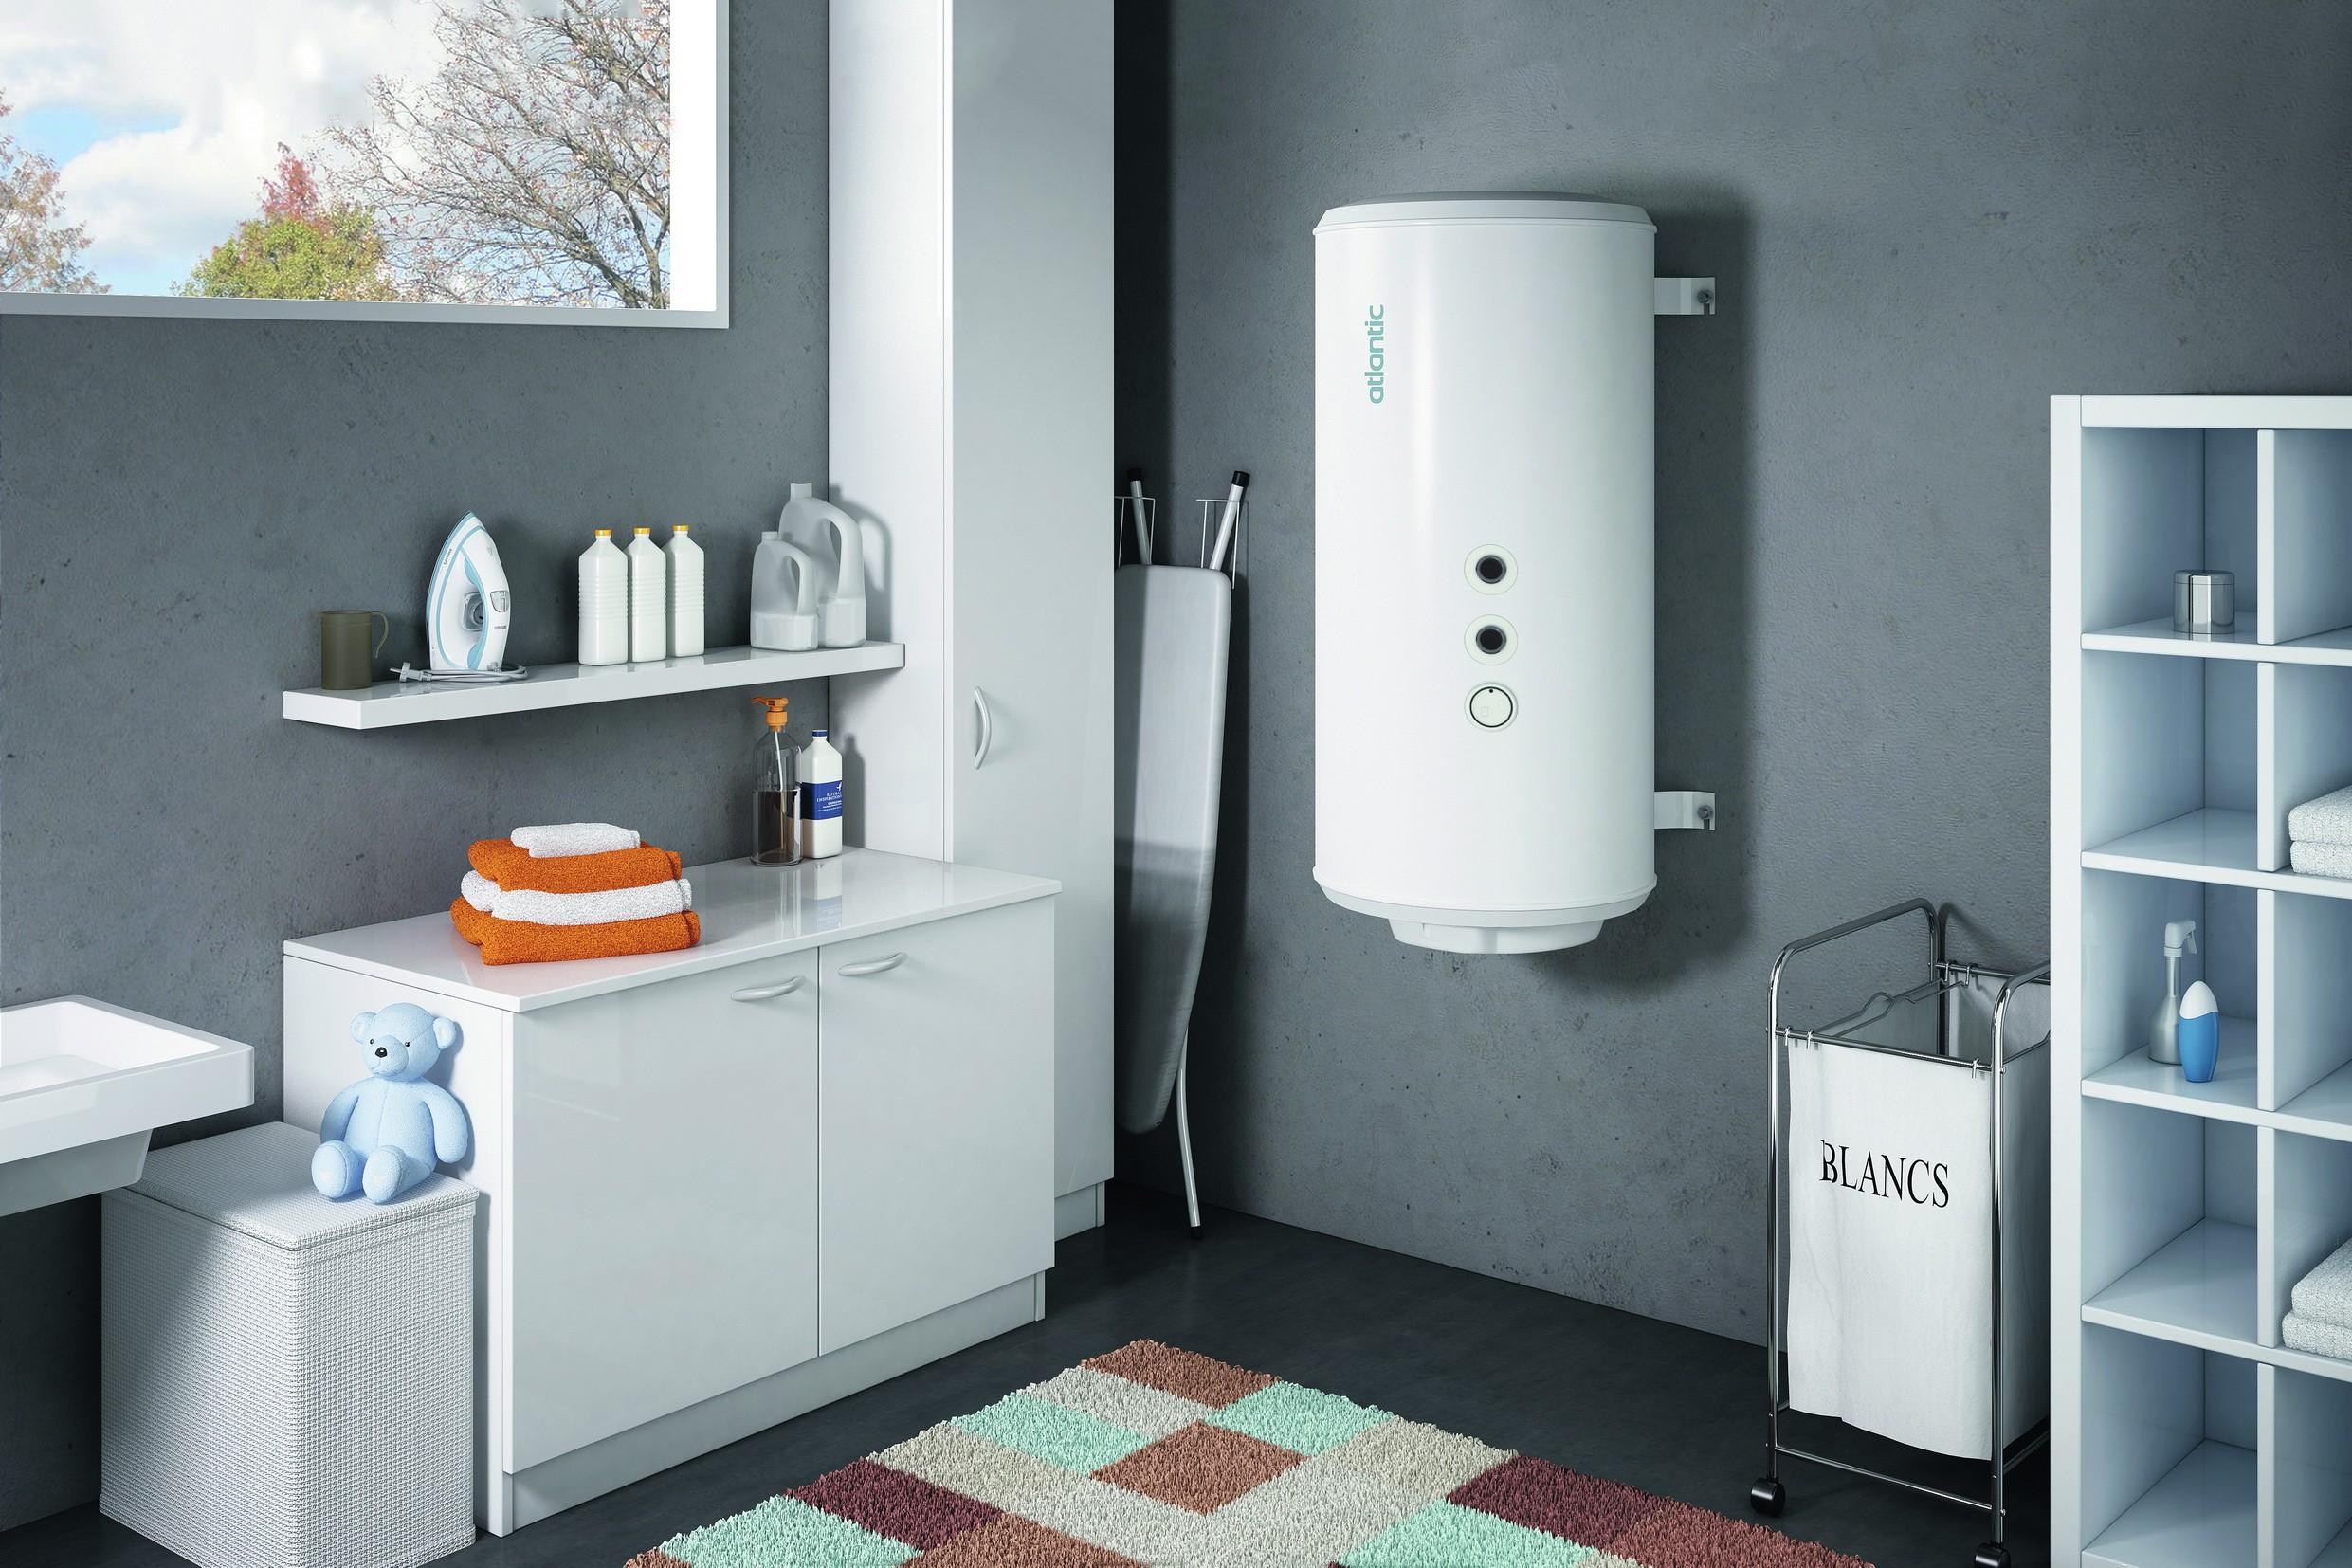 Как выбрать водонагреватель для квартиры, дачи, дома - накопительный, проточный